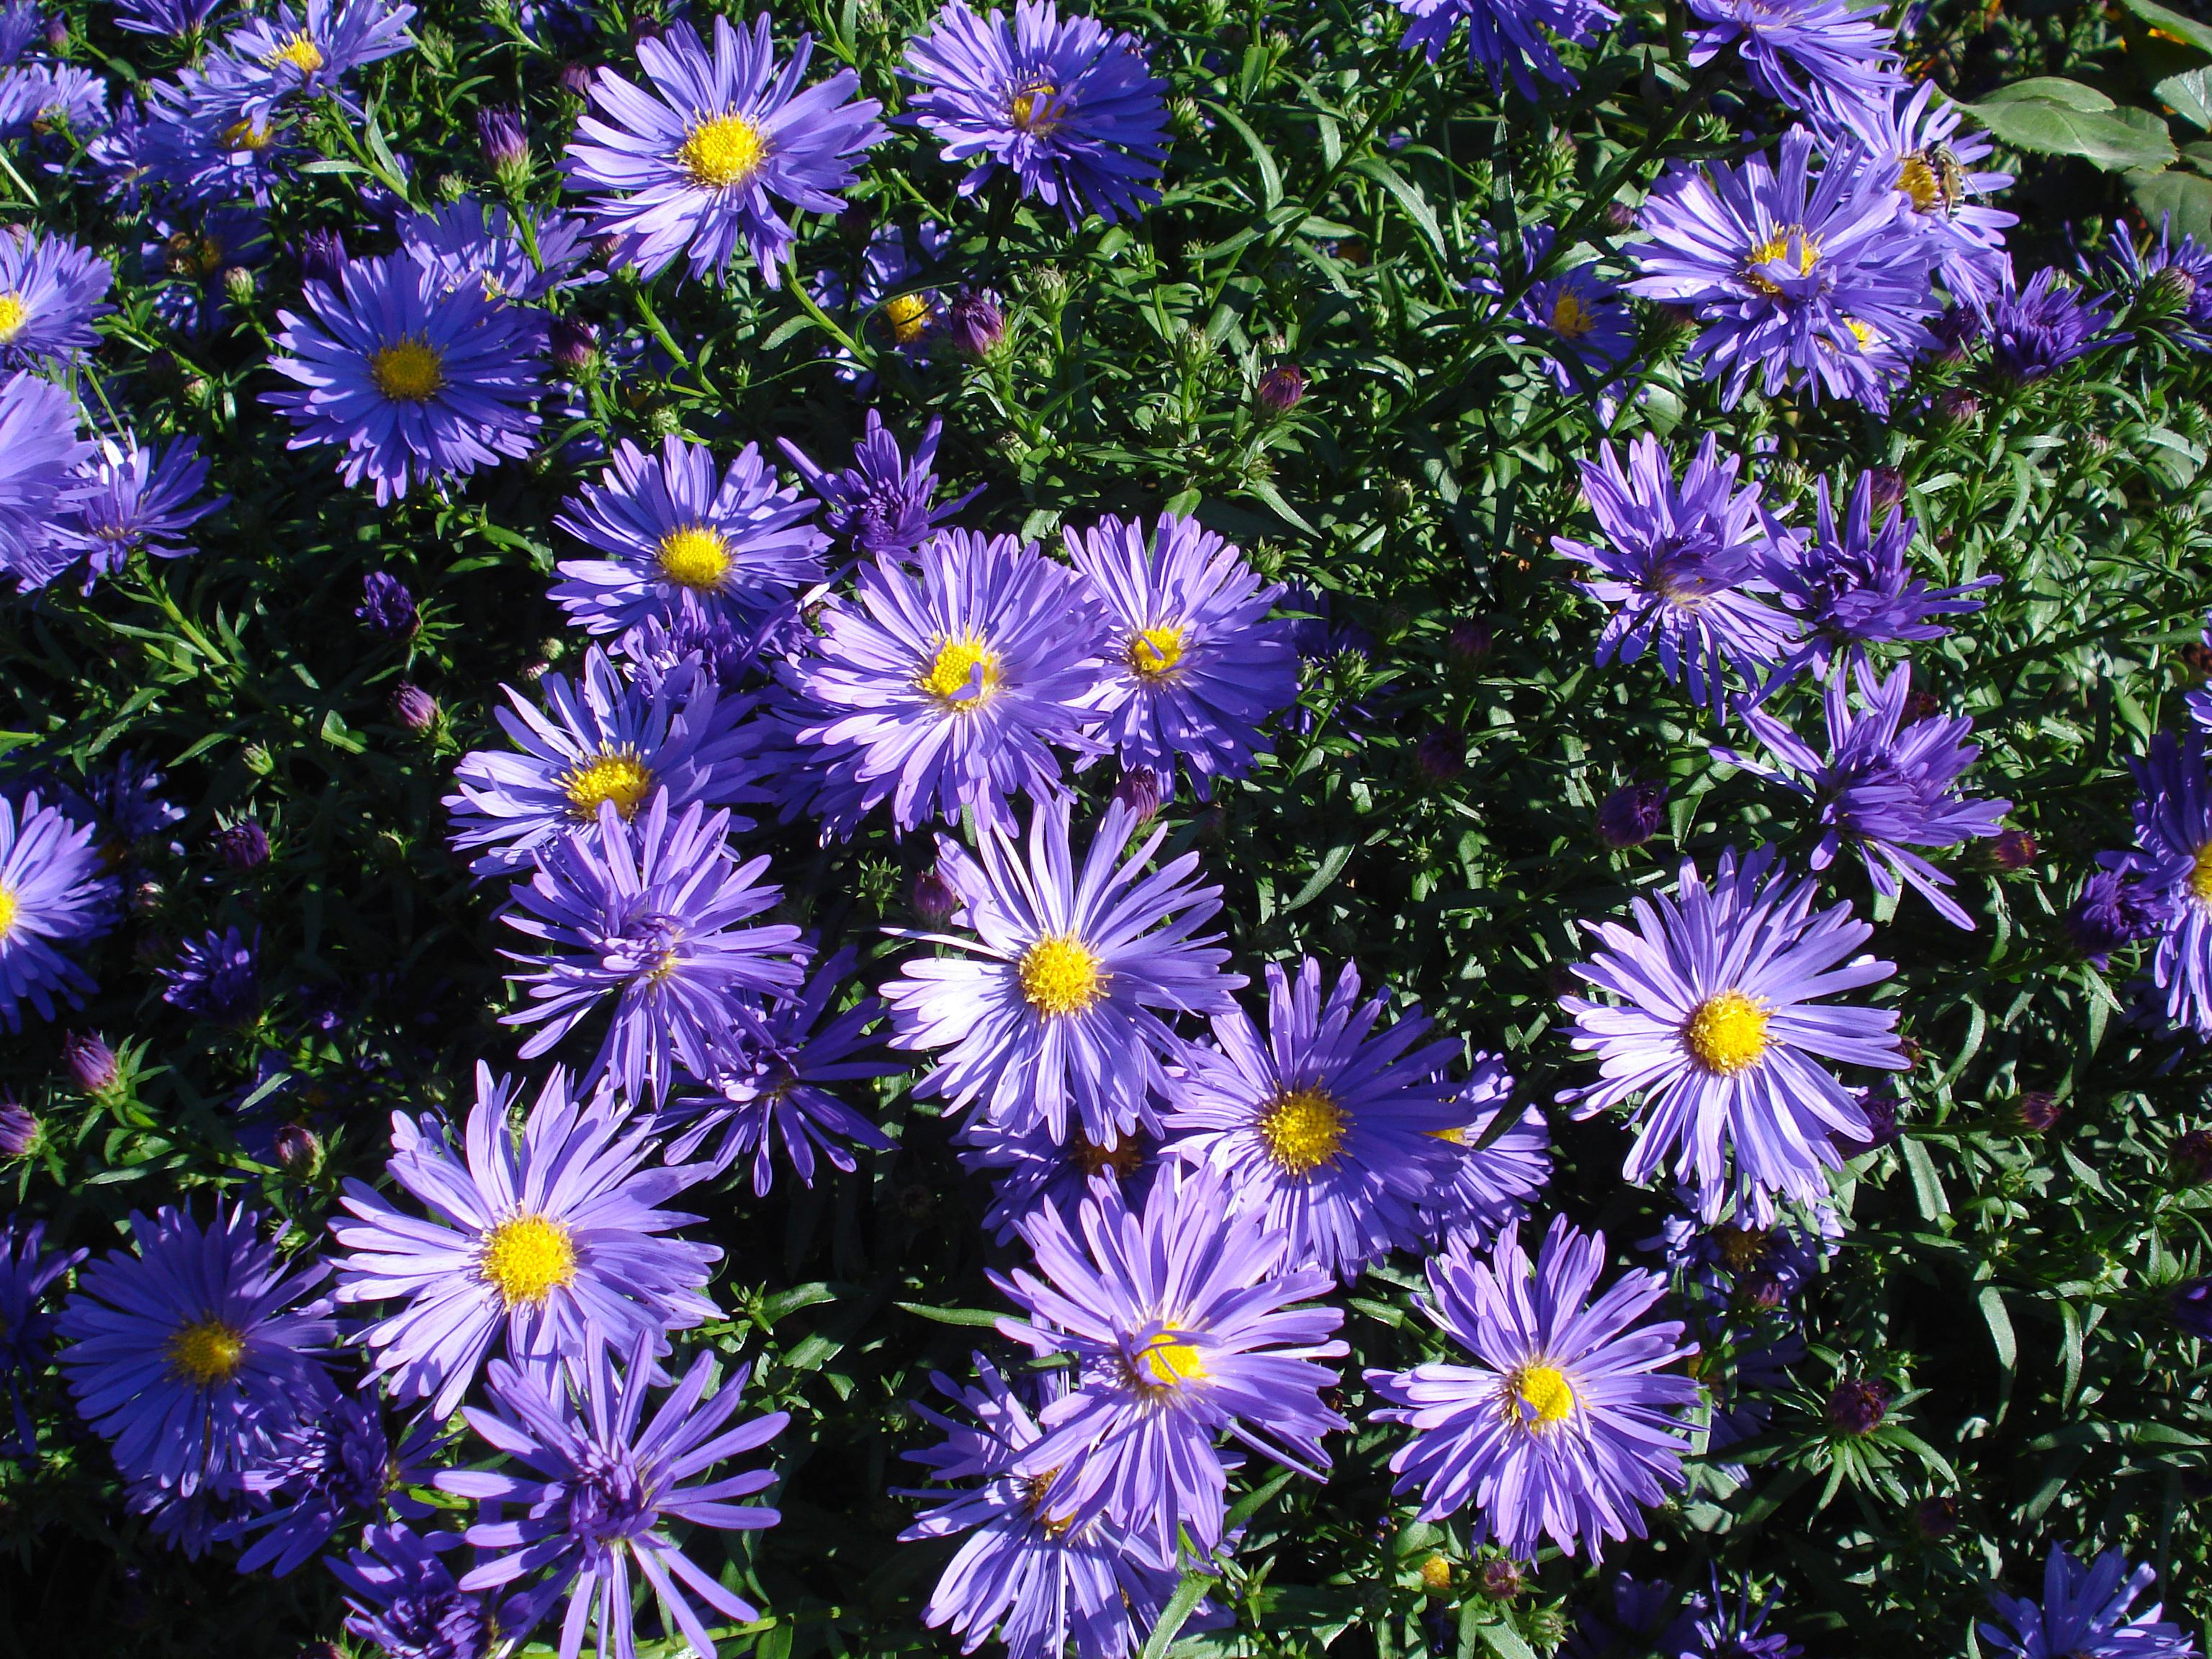 Фотографии фиолетовые Цветы Хризантемы Крупным планом 3072x2304 фиолетовая Фиолетовый фиолетовых цветок вблизи